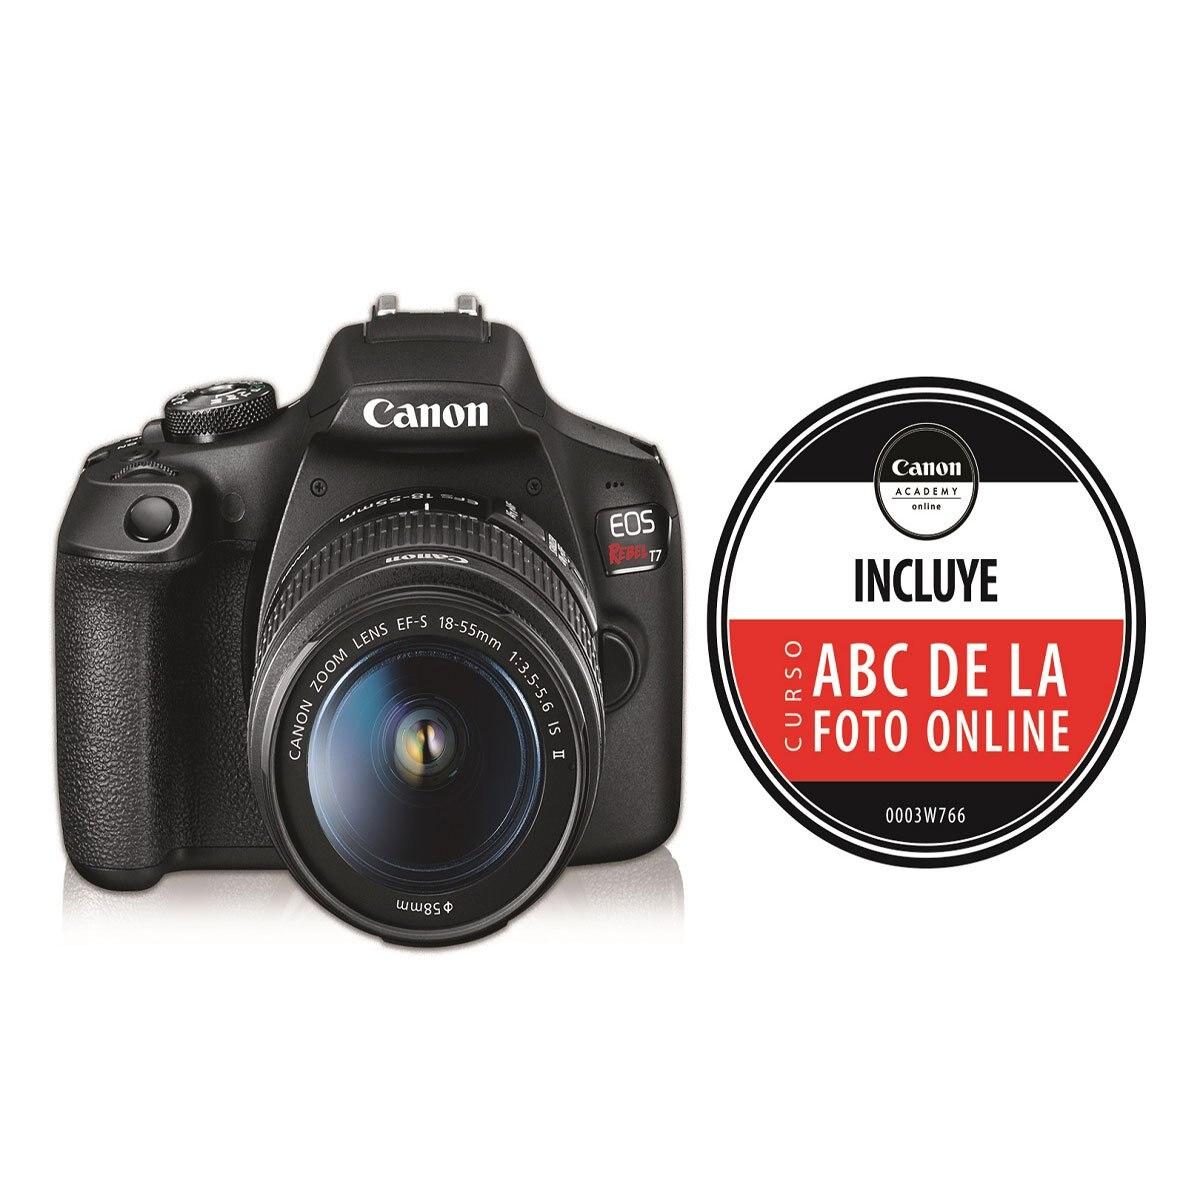 Sears: Canon T7 + lente 18-55mm IS II+ curso